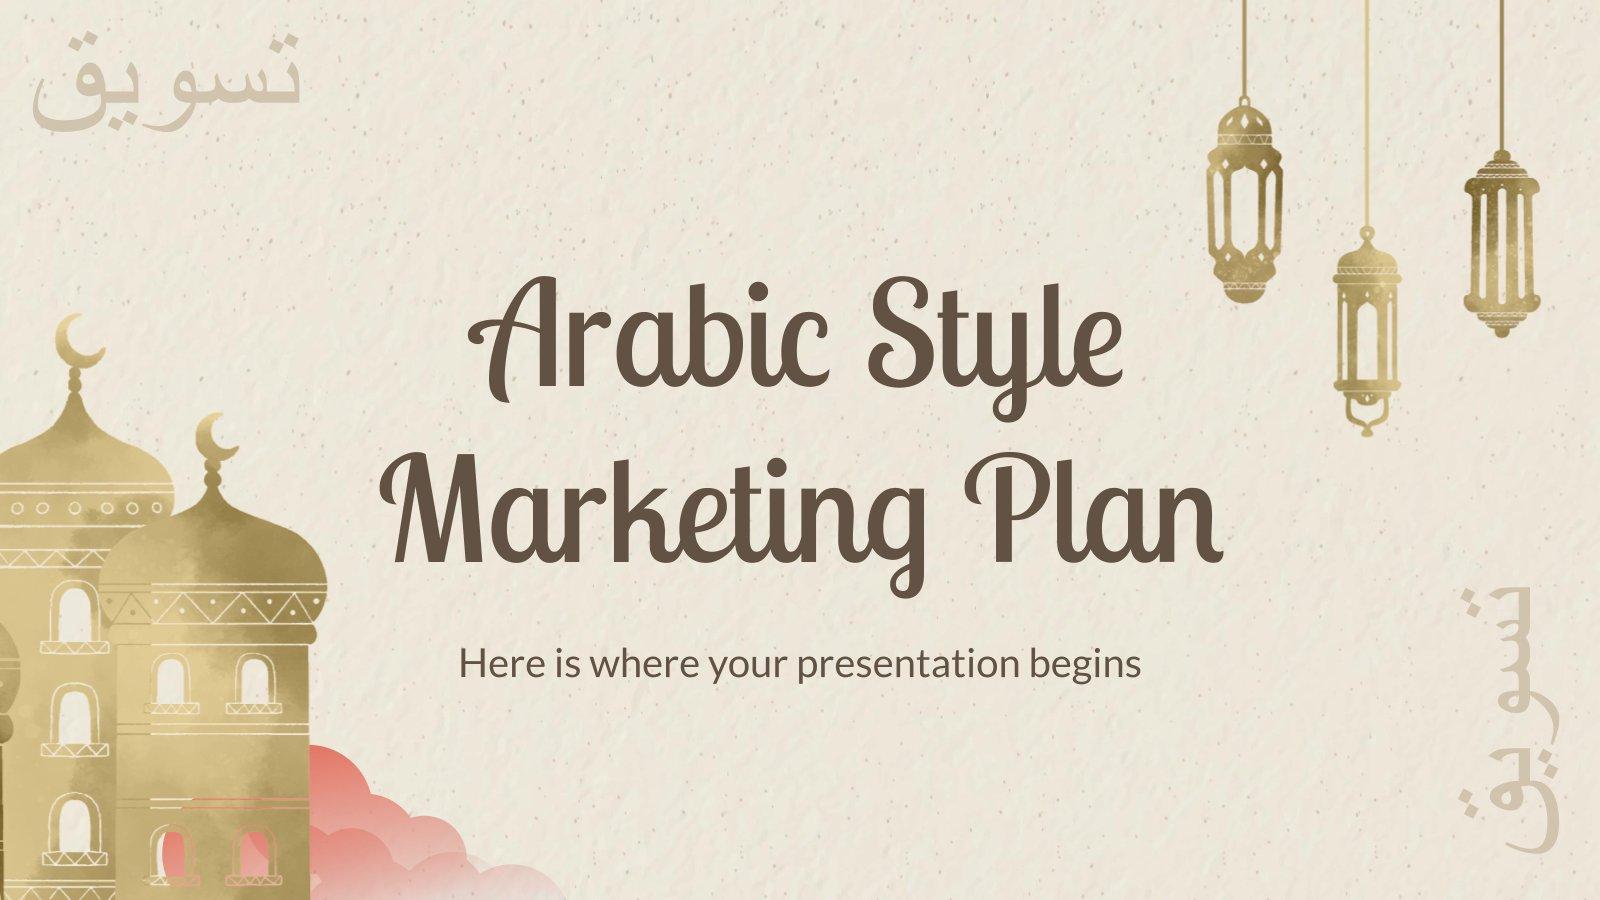 Marketingplan im arabischen Stil Präsentationsvorlage